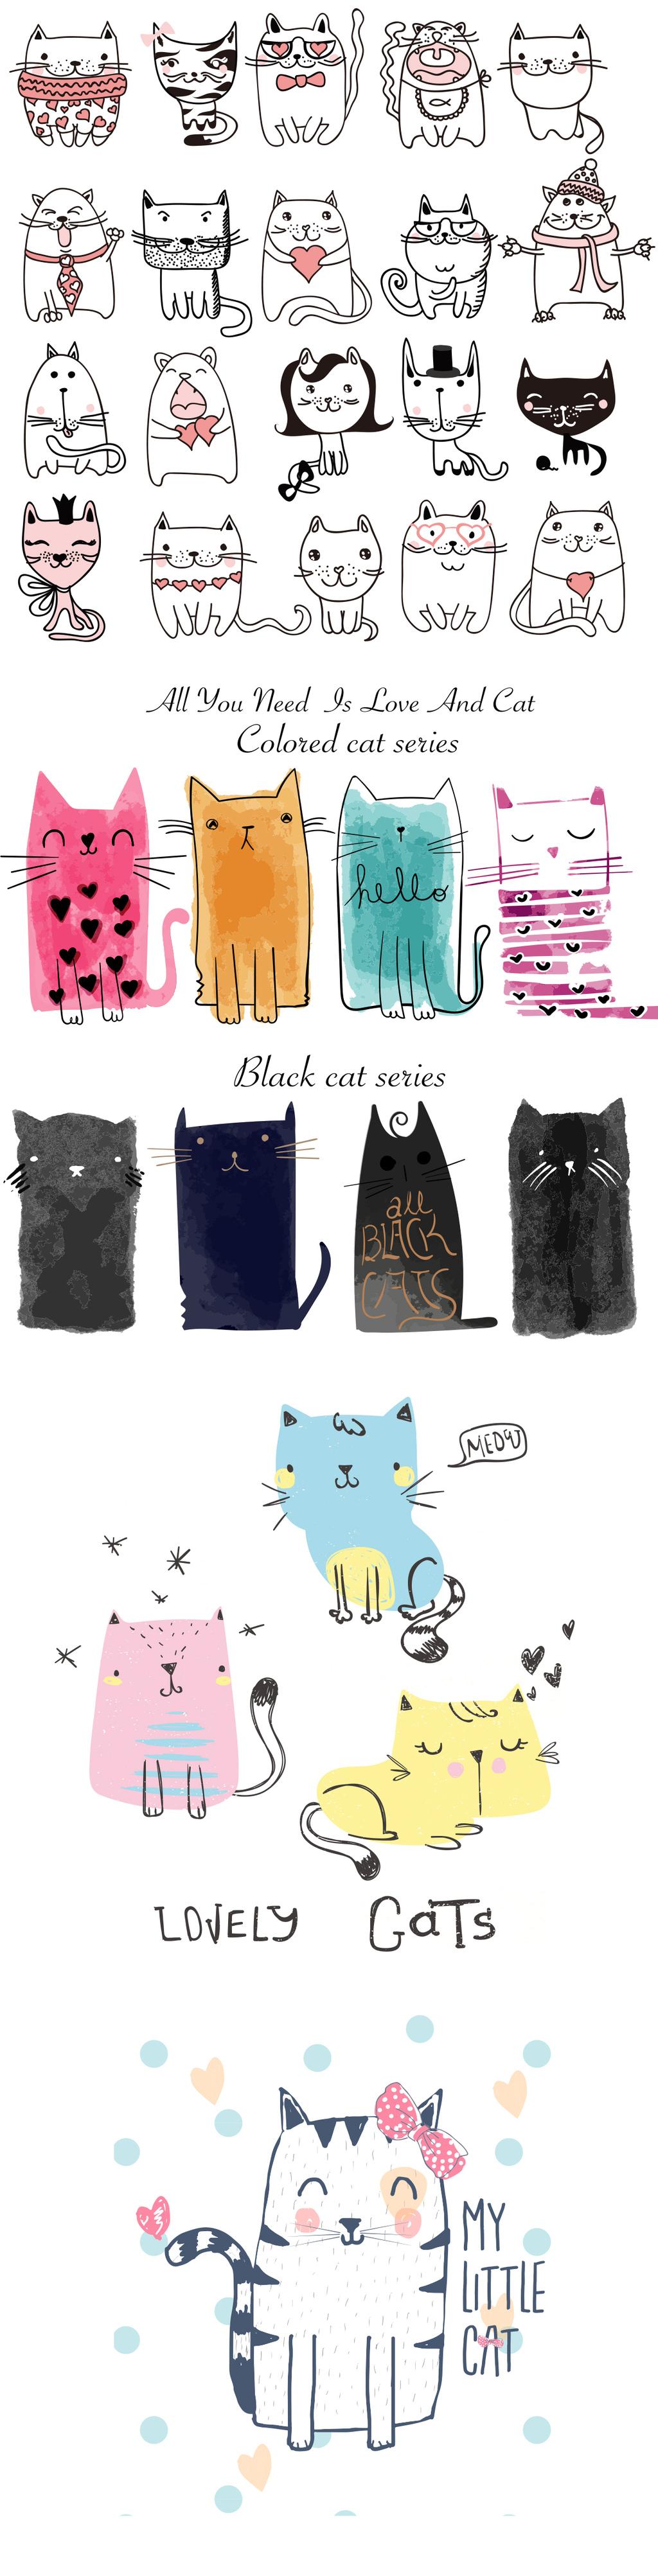 设计元素 自然素材 动物 > 手绘插画线描水彩小猫猫咪矢量素材   图片